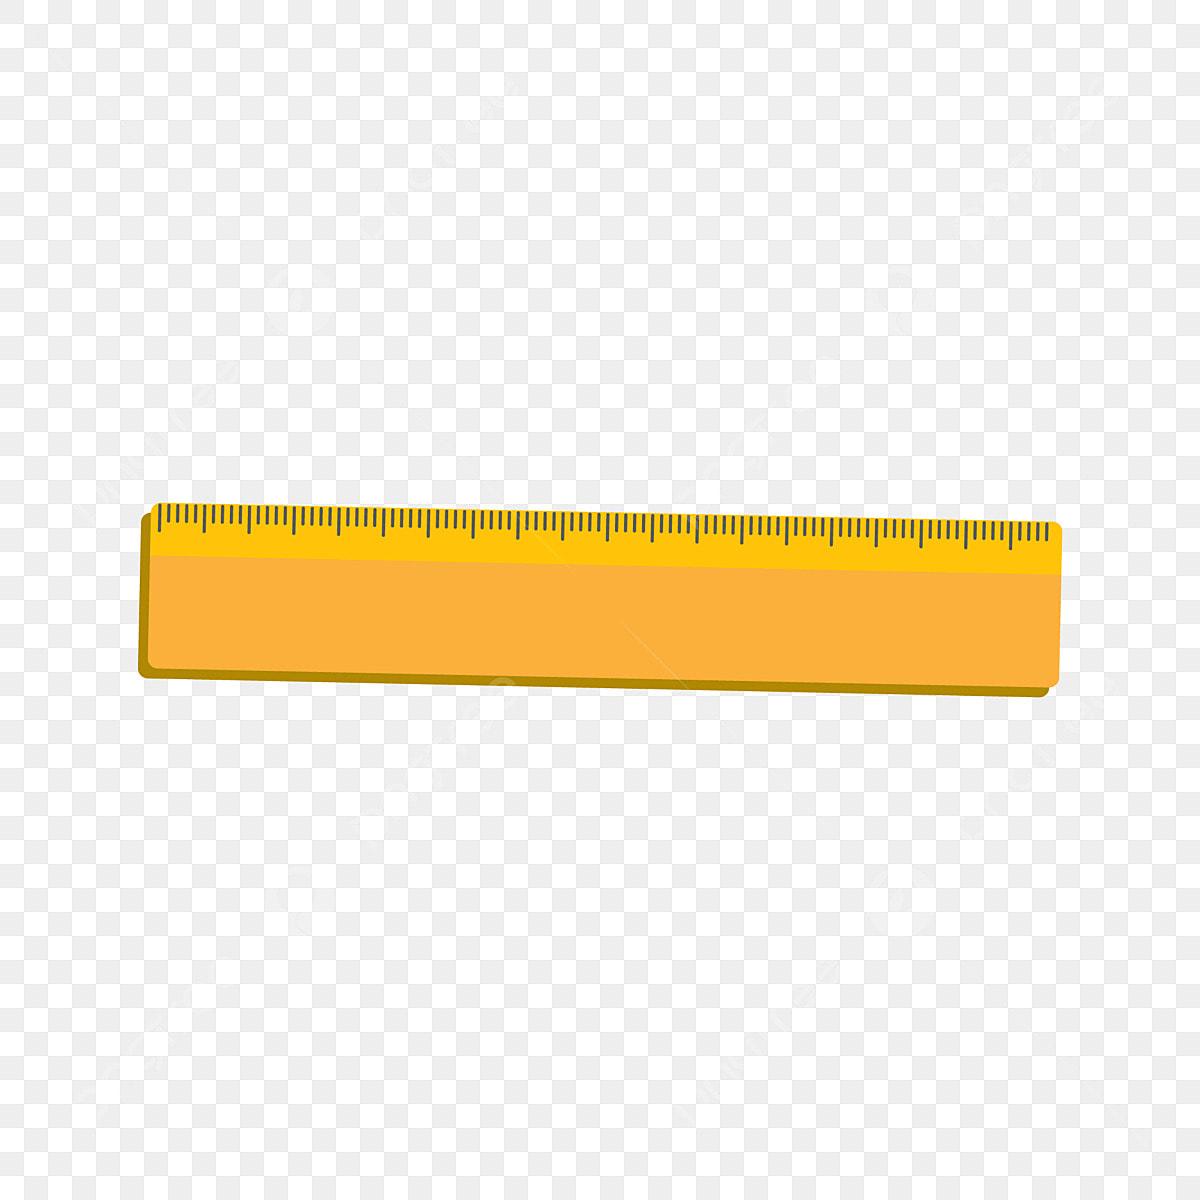 Background Ruler Transparent - Transparent Background Ruler Icon, HD Png  Download - kindpng